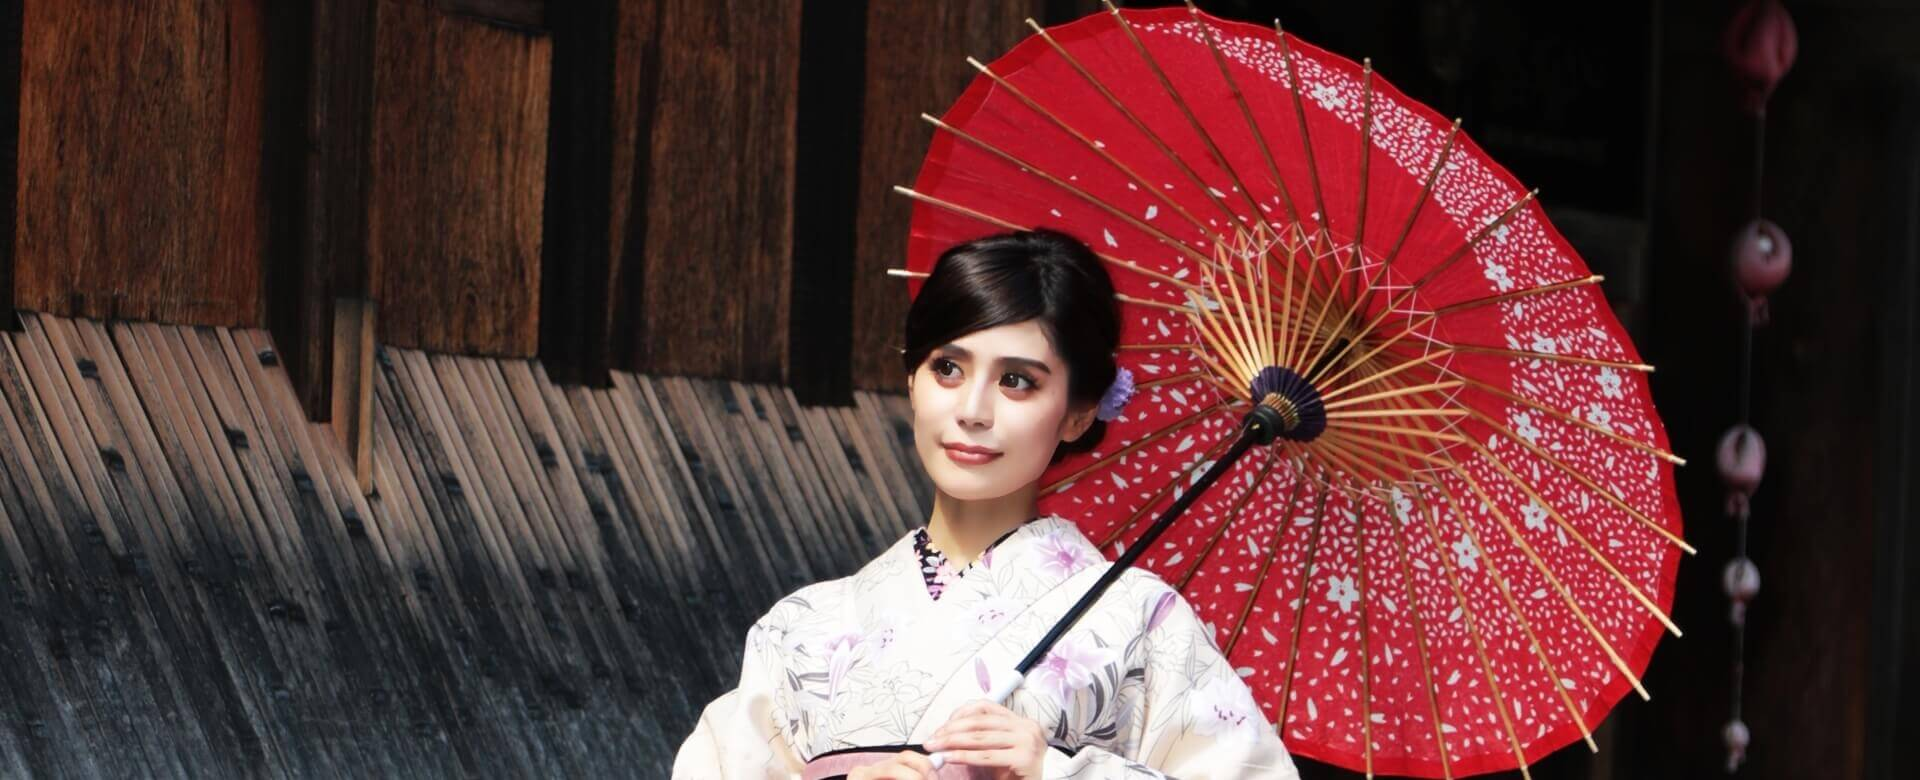 着物を着て京都を観光する3人の女性